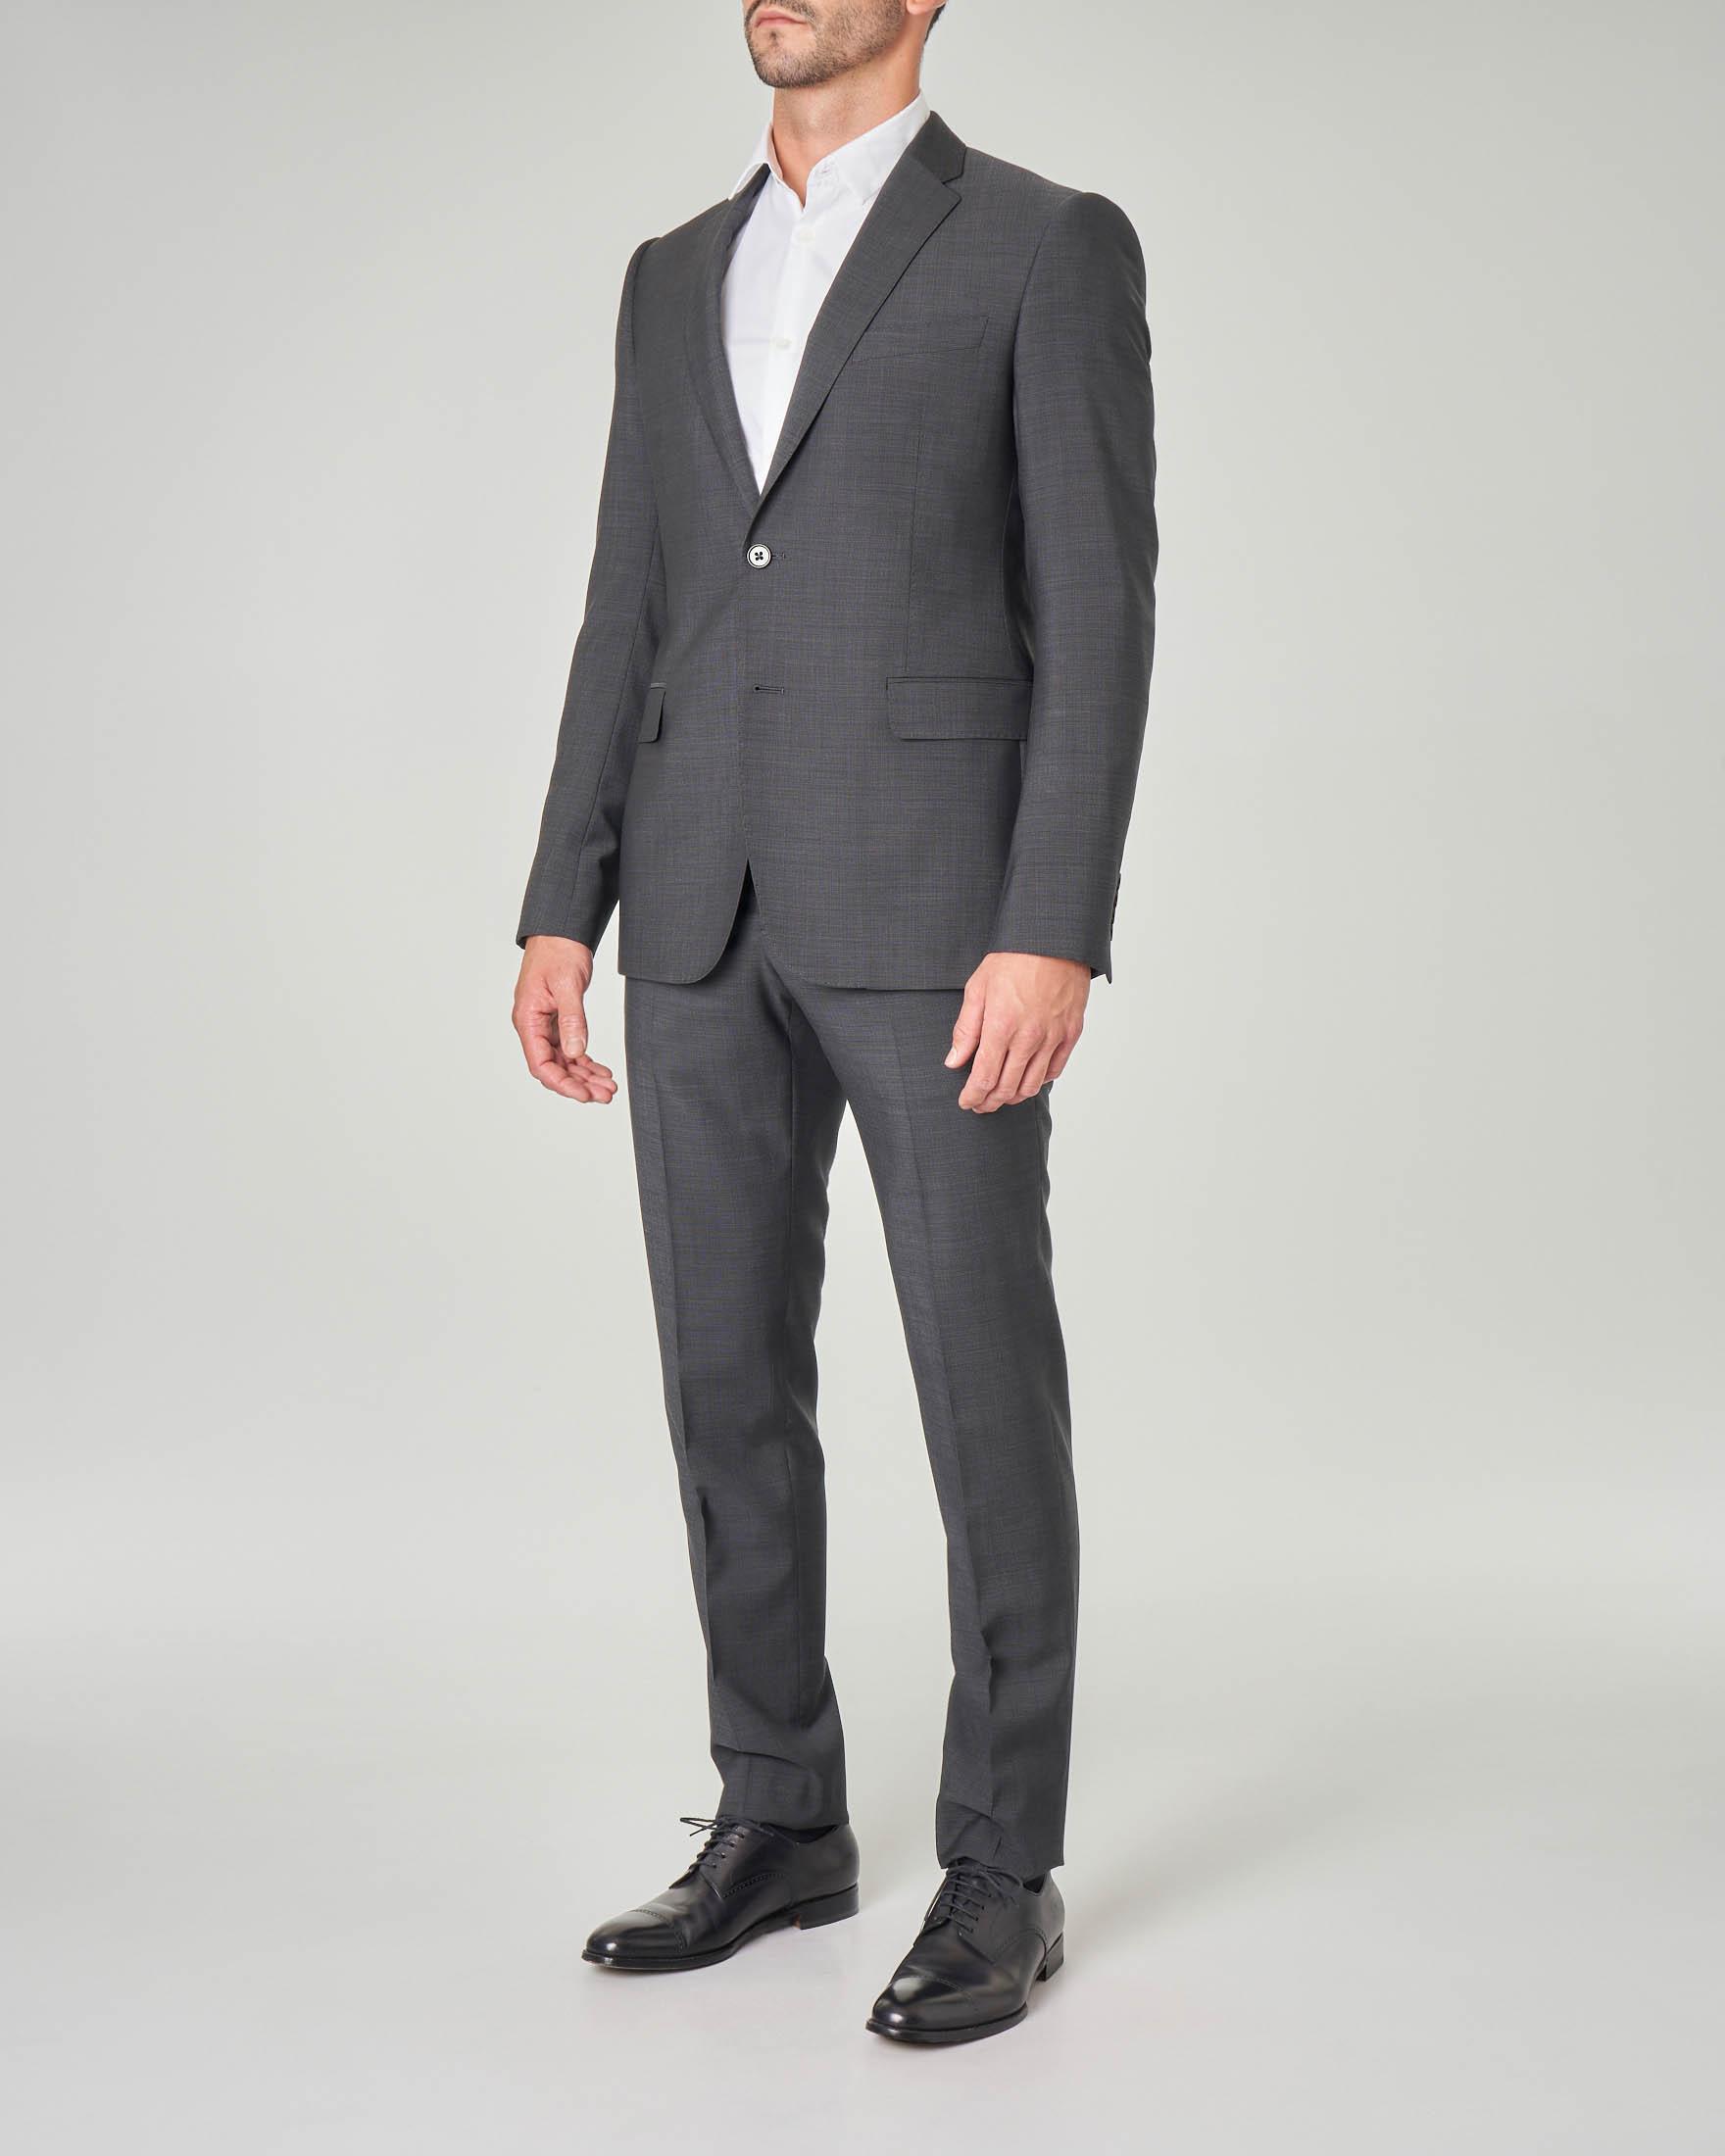 Abito grigio antracite in tela di lana a righine molto fitte